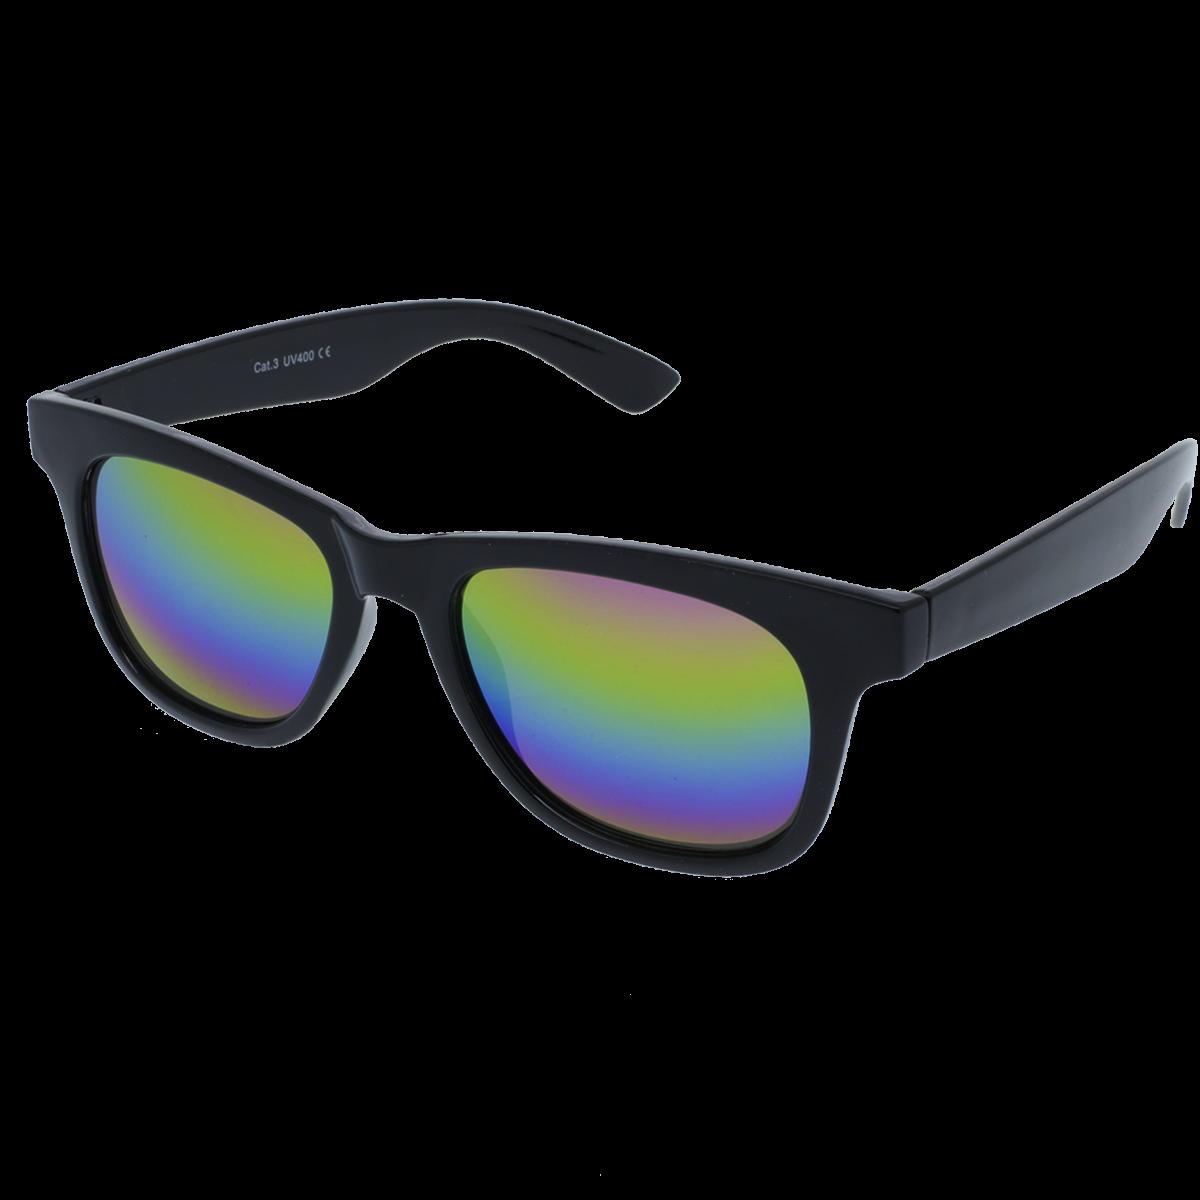 3cd8ff3c2 ... slnečné okuliare Nerd zrkadlové čierne duhové skla. -33%. VeyRey ...